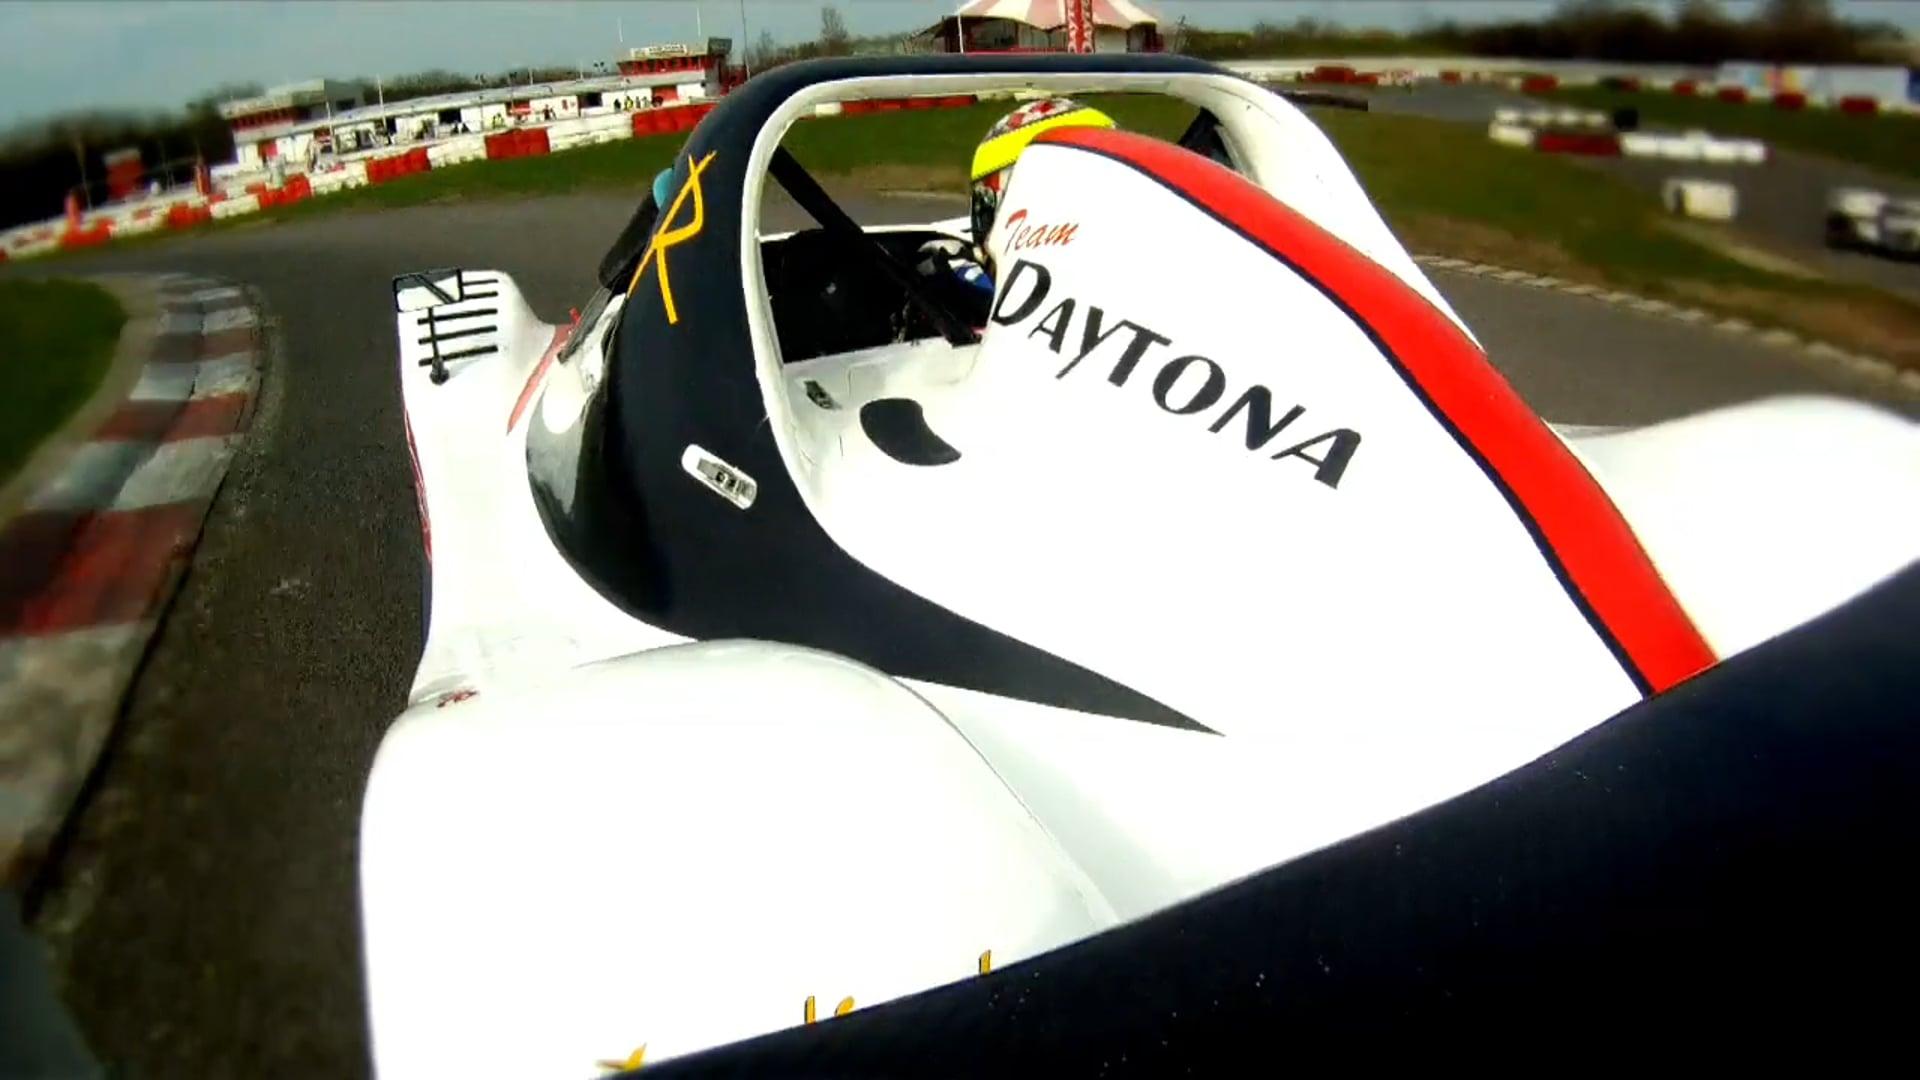 Top Gear Daytona